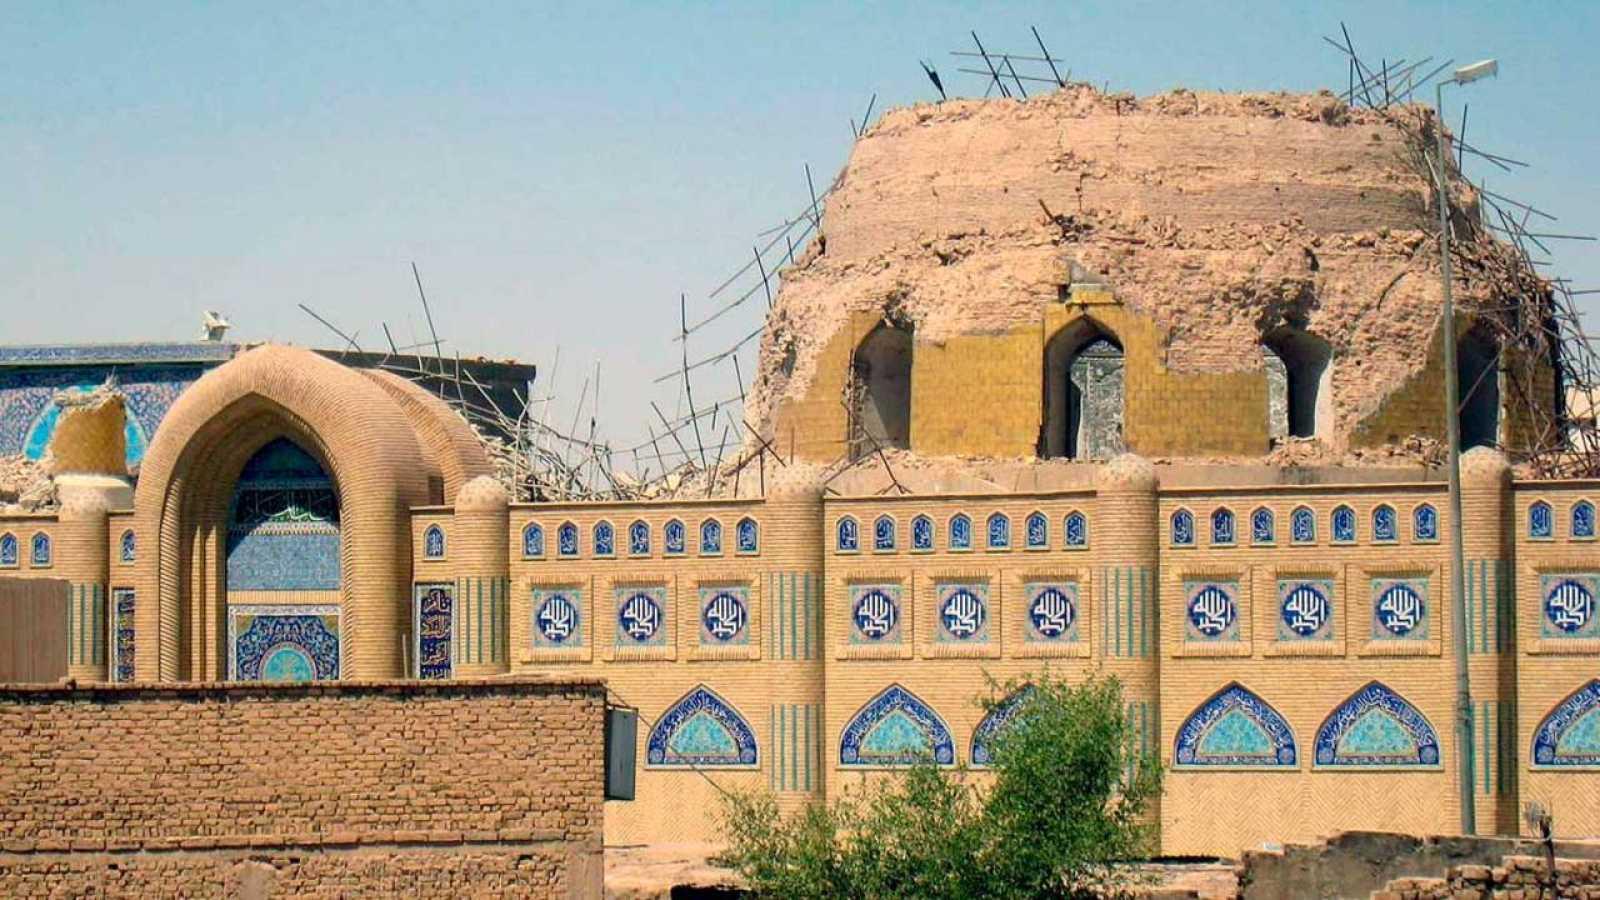 Imagen de la Gran mezquita de Samarra